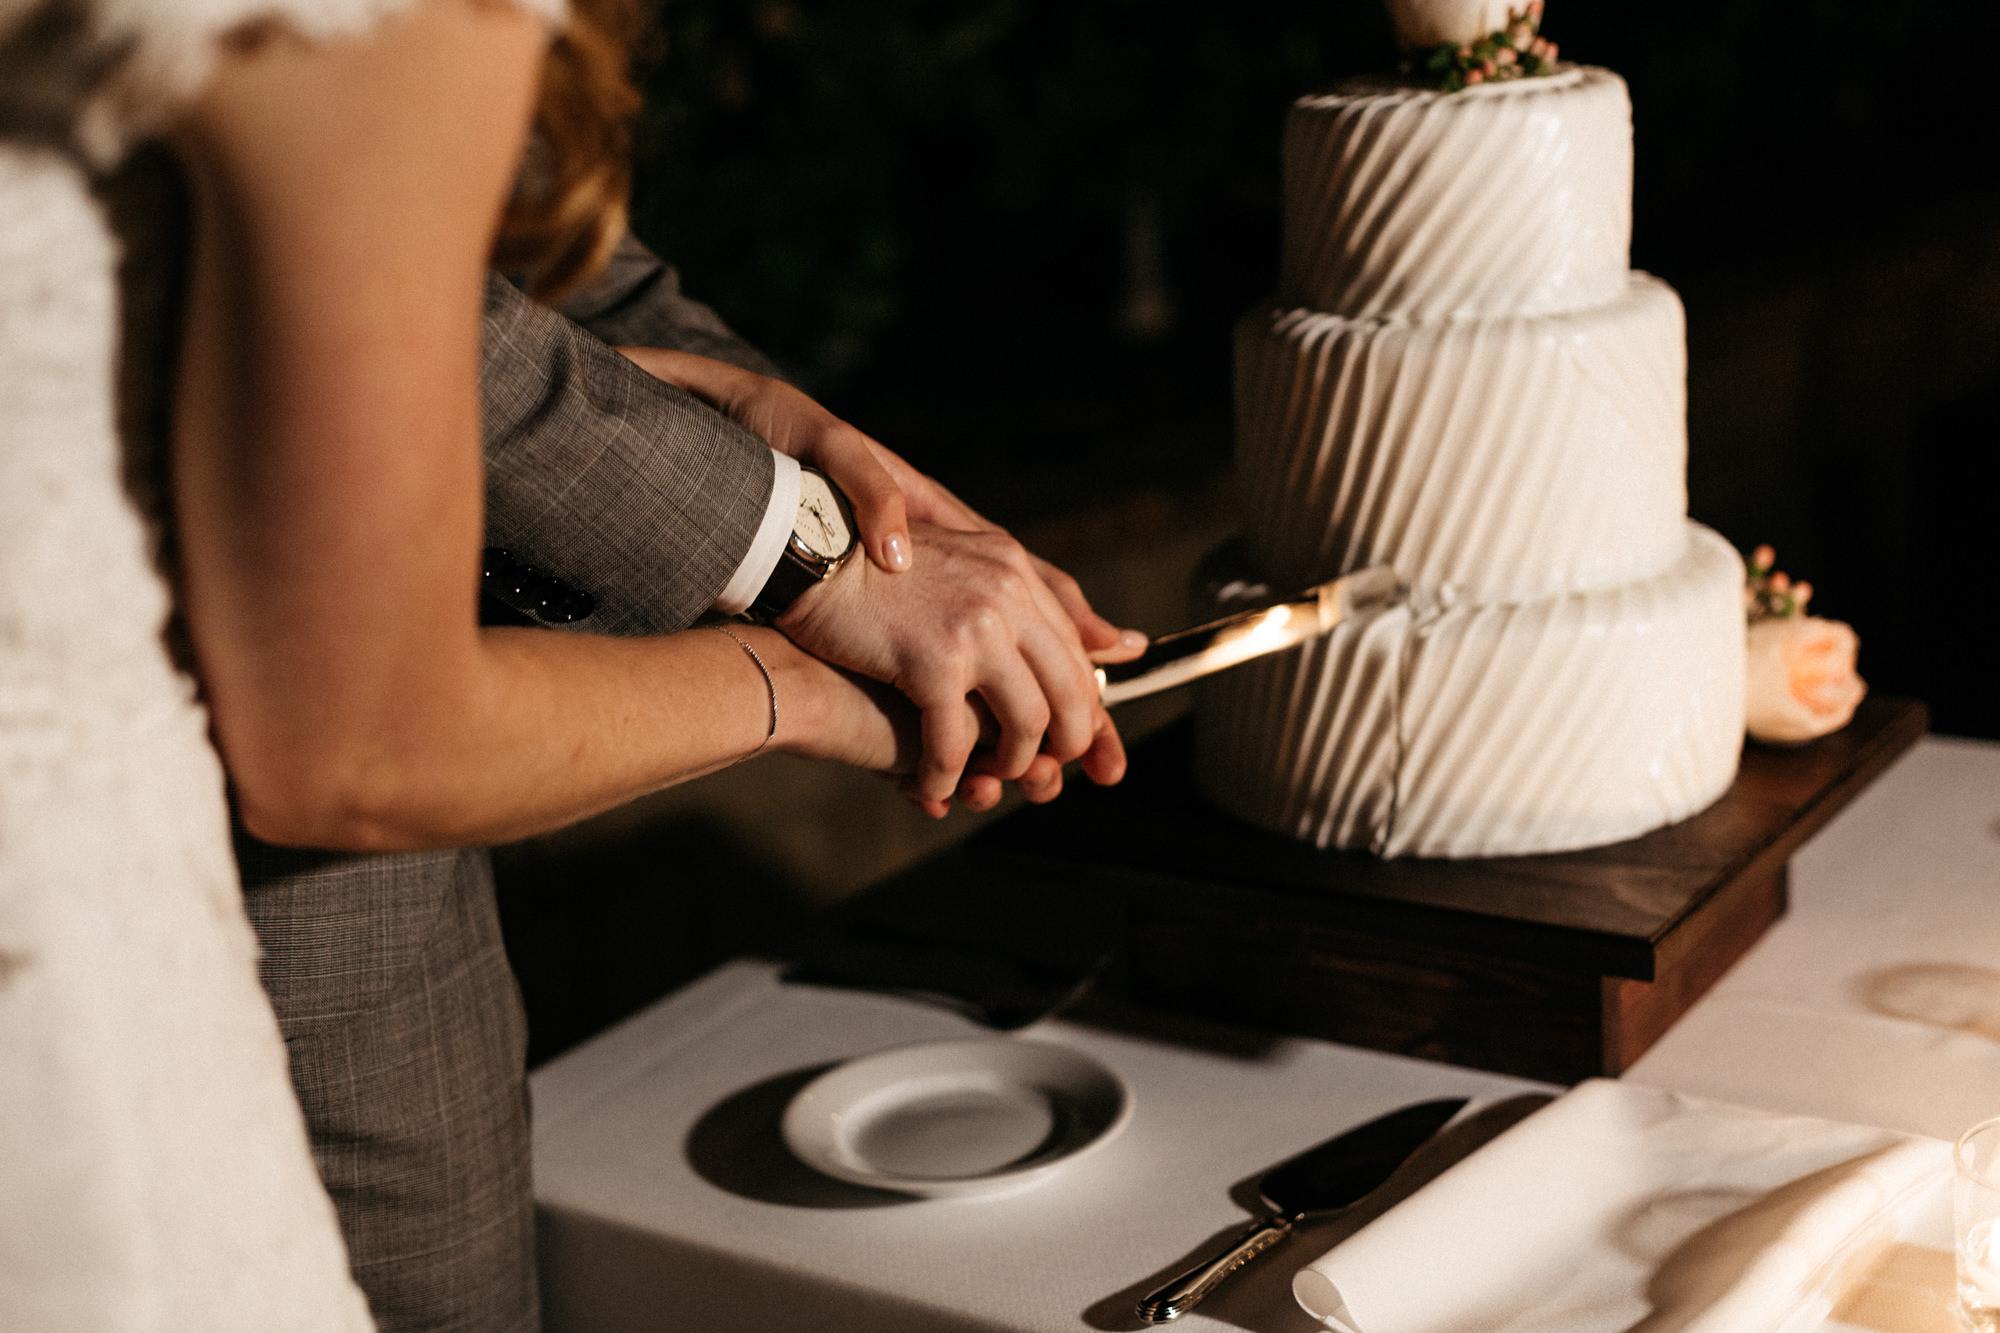 los_angeles_mormon_temple_wedding-56.jpg